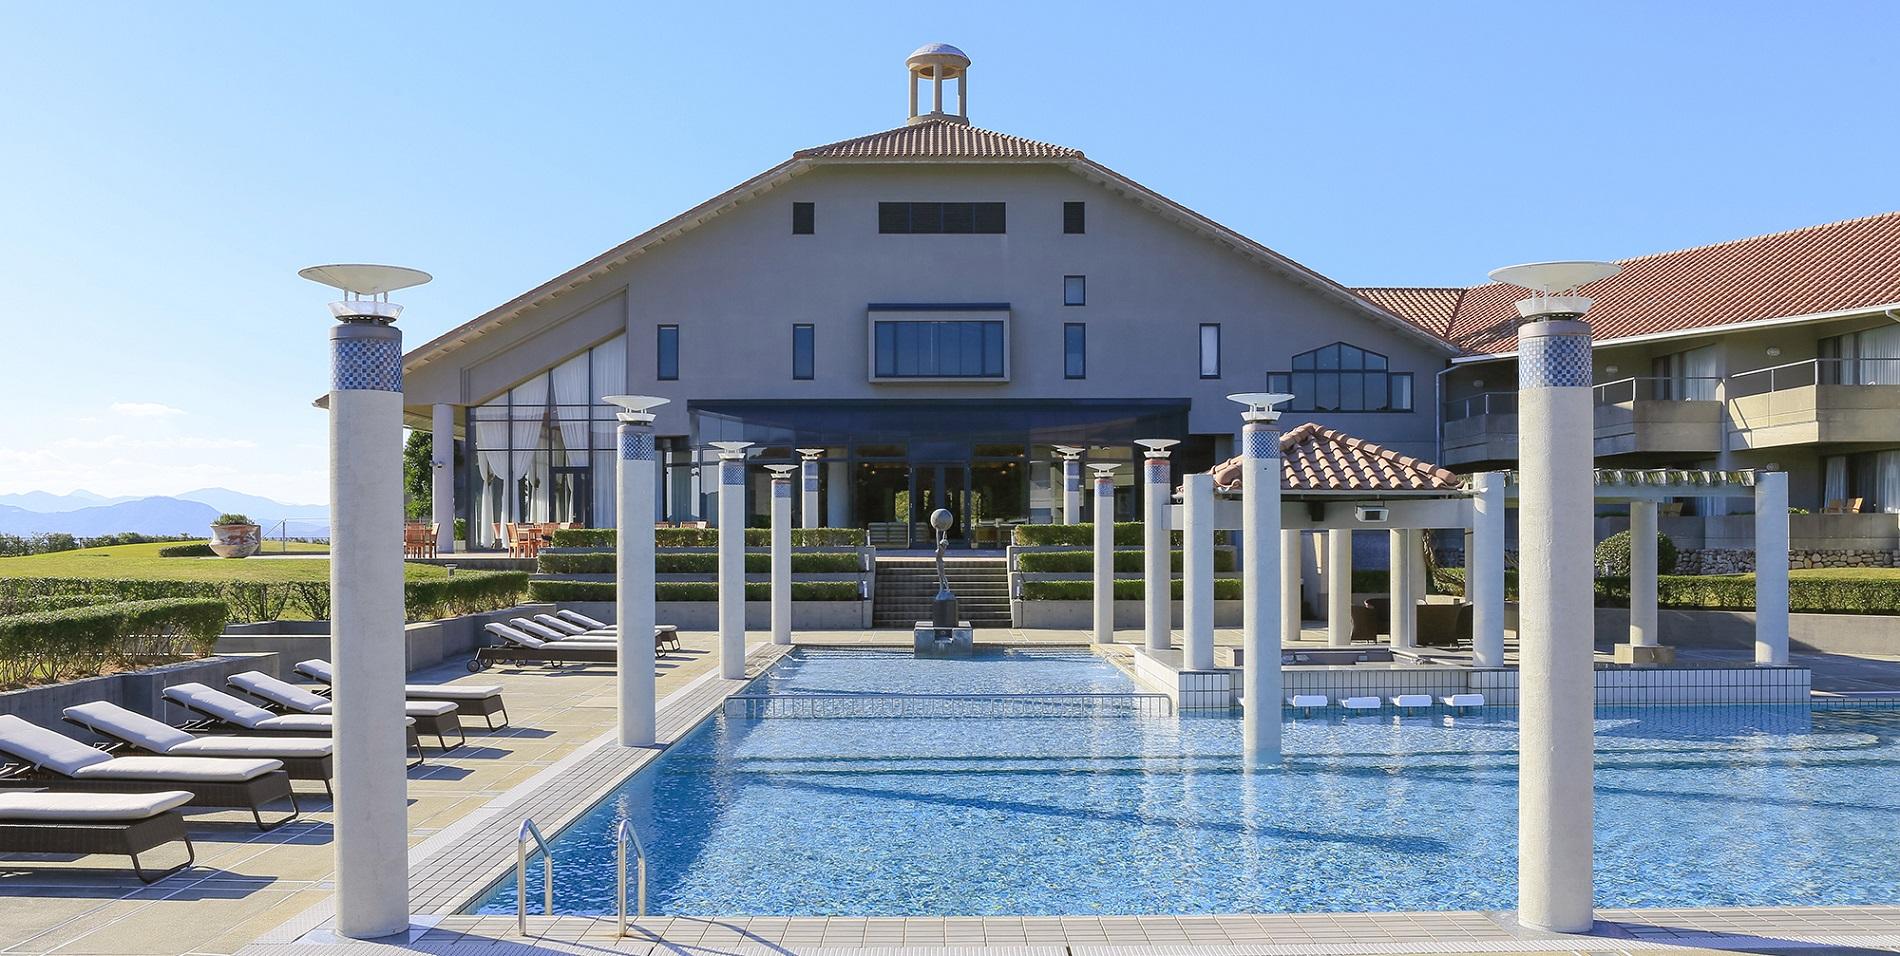 ホテルアナガ ガーデンプール